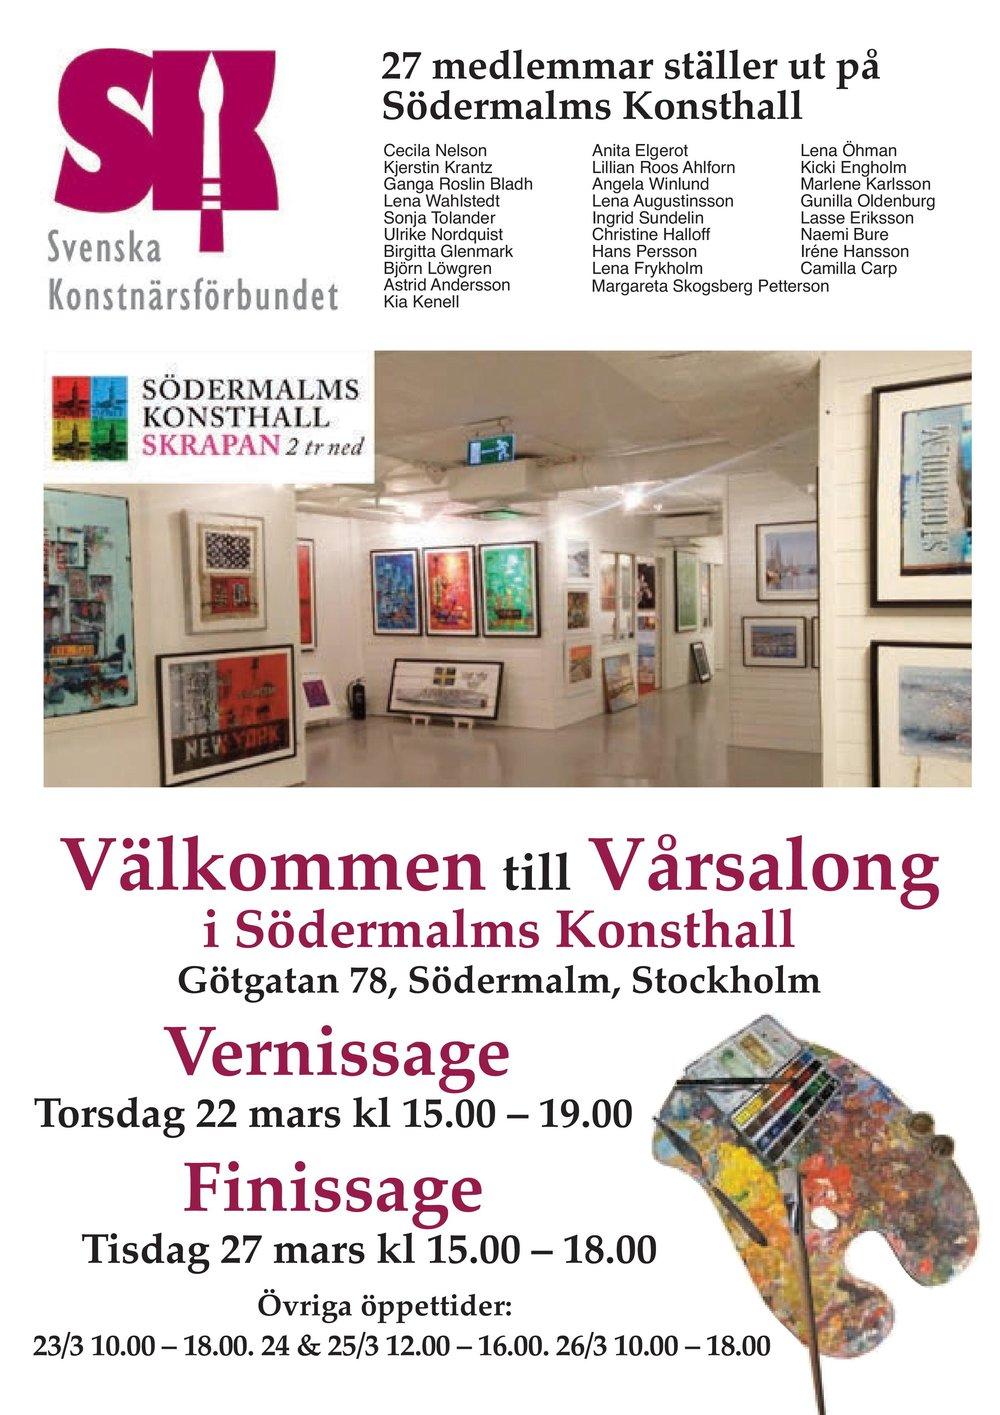 Inbjudan Vårsalong Södermalms Konsthall 2018-page-001.jpg